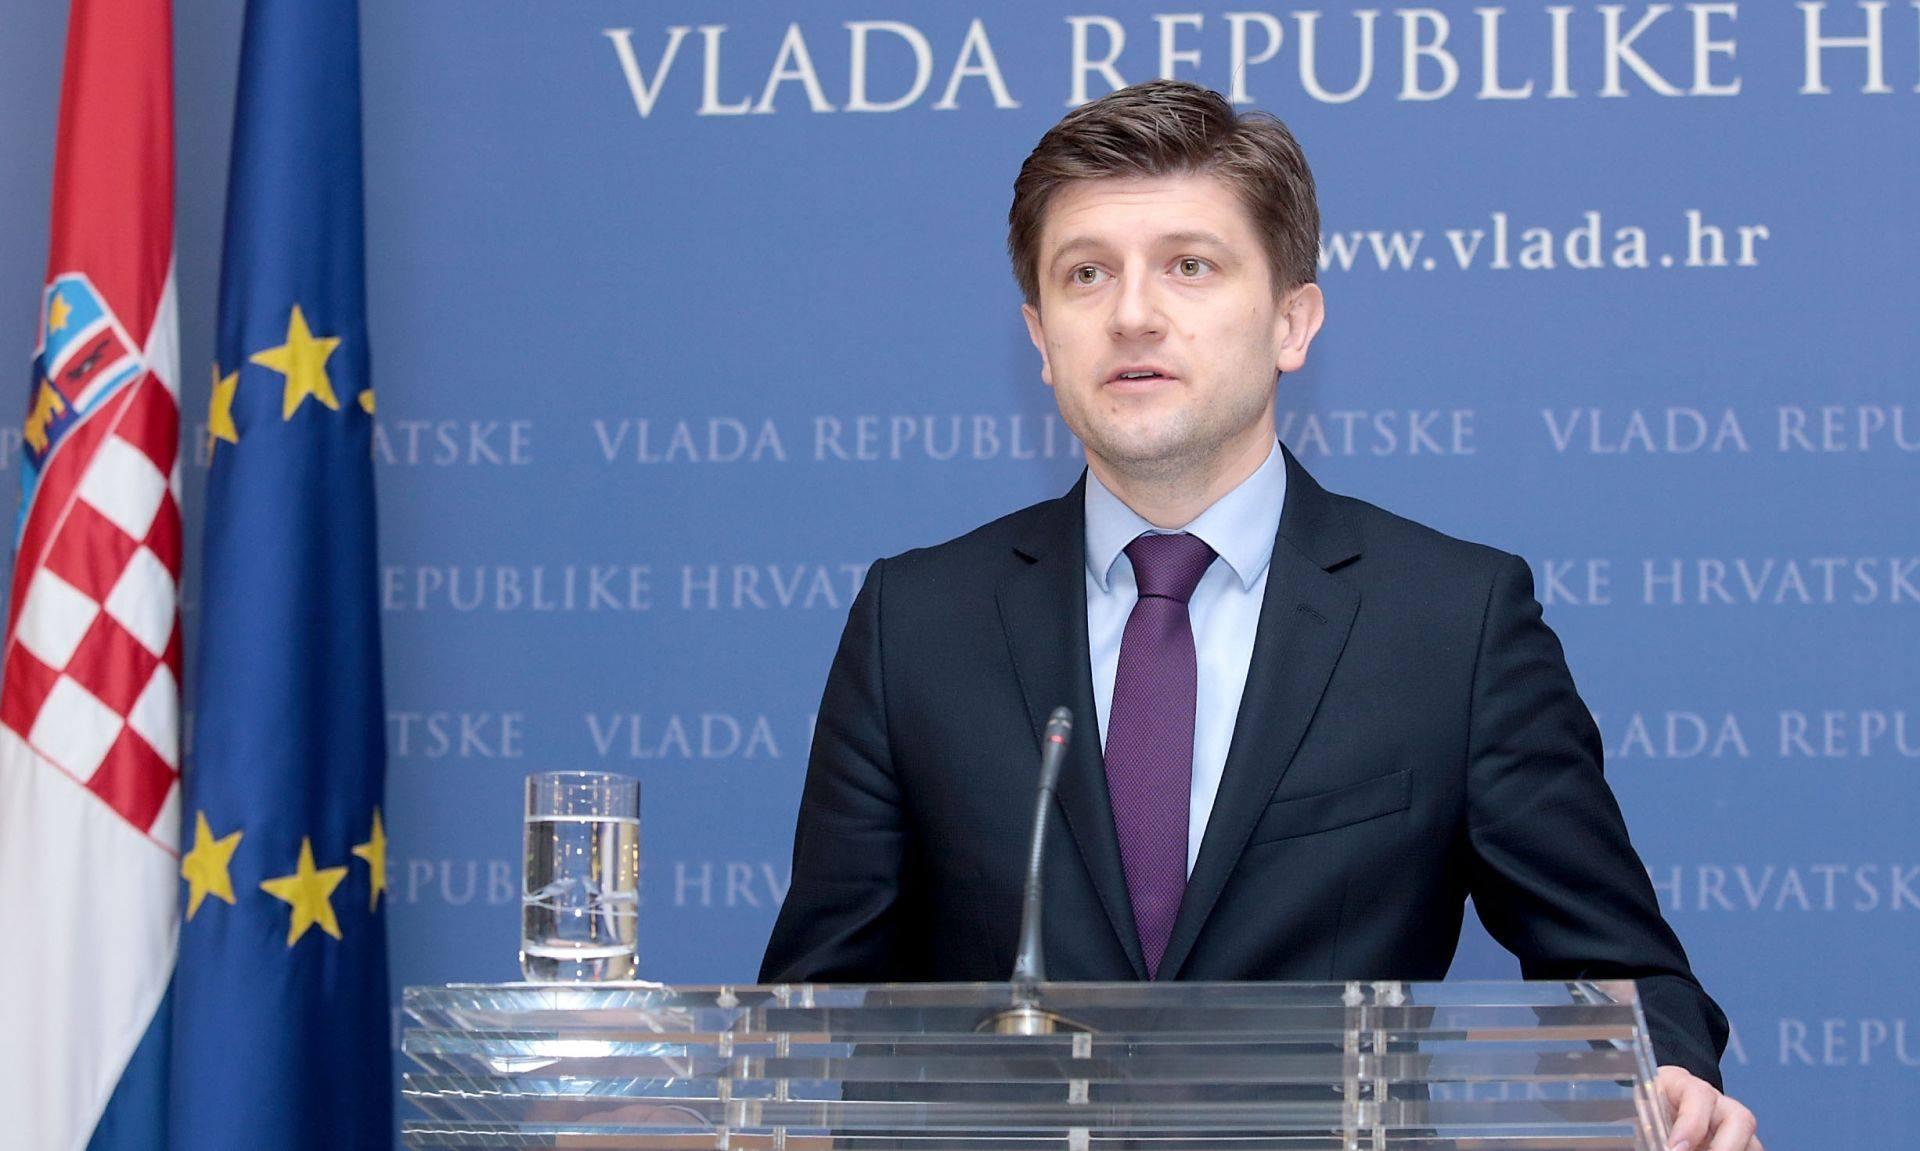 'BIT' ĆE PARA' MINISTAR MARIĆ O RASTU BDP-A: 'Ostvareni rast je viši nego što smo očekivali'. Rekao je i što će biti s covid potporama